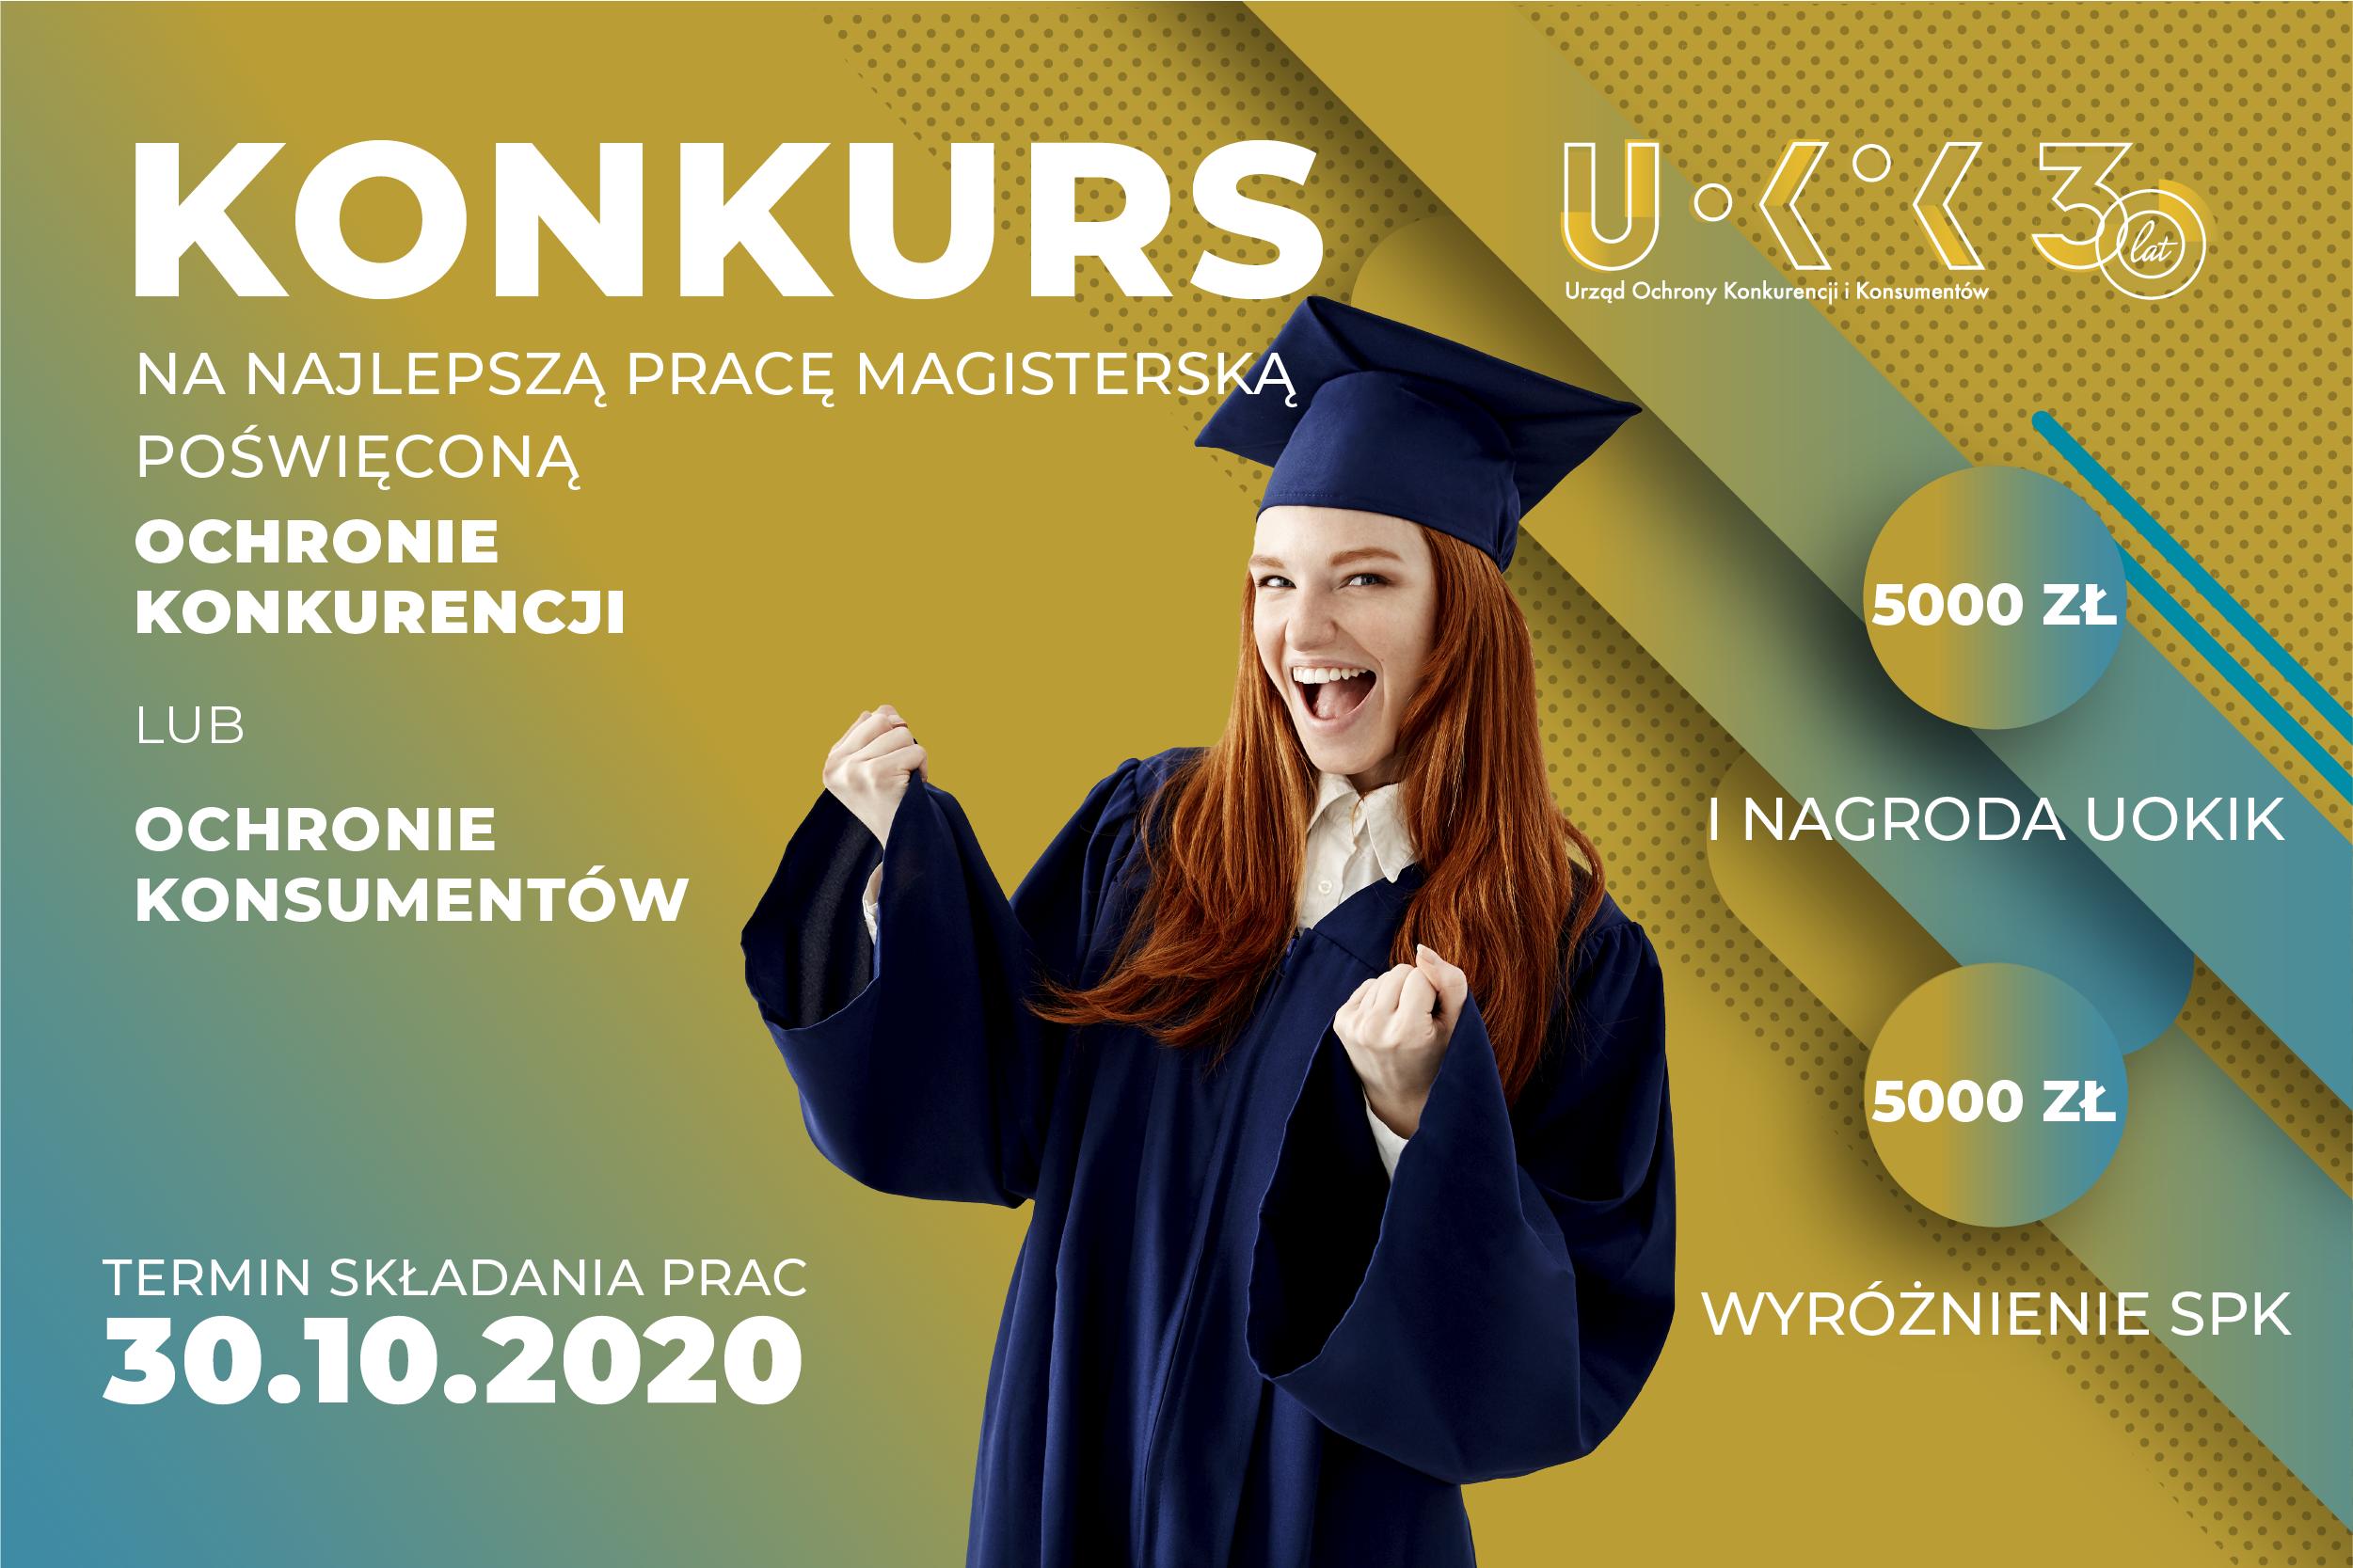 Konkurs na najlepsze prace magisterskie – UOKiK